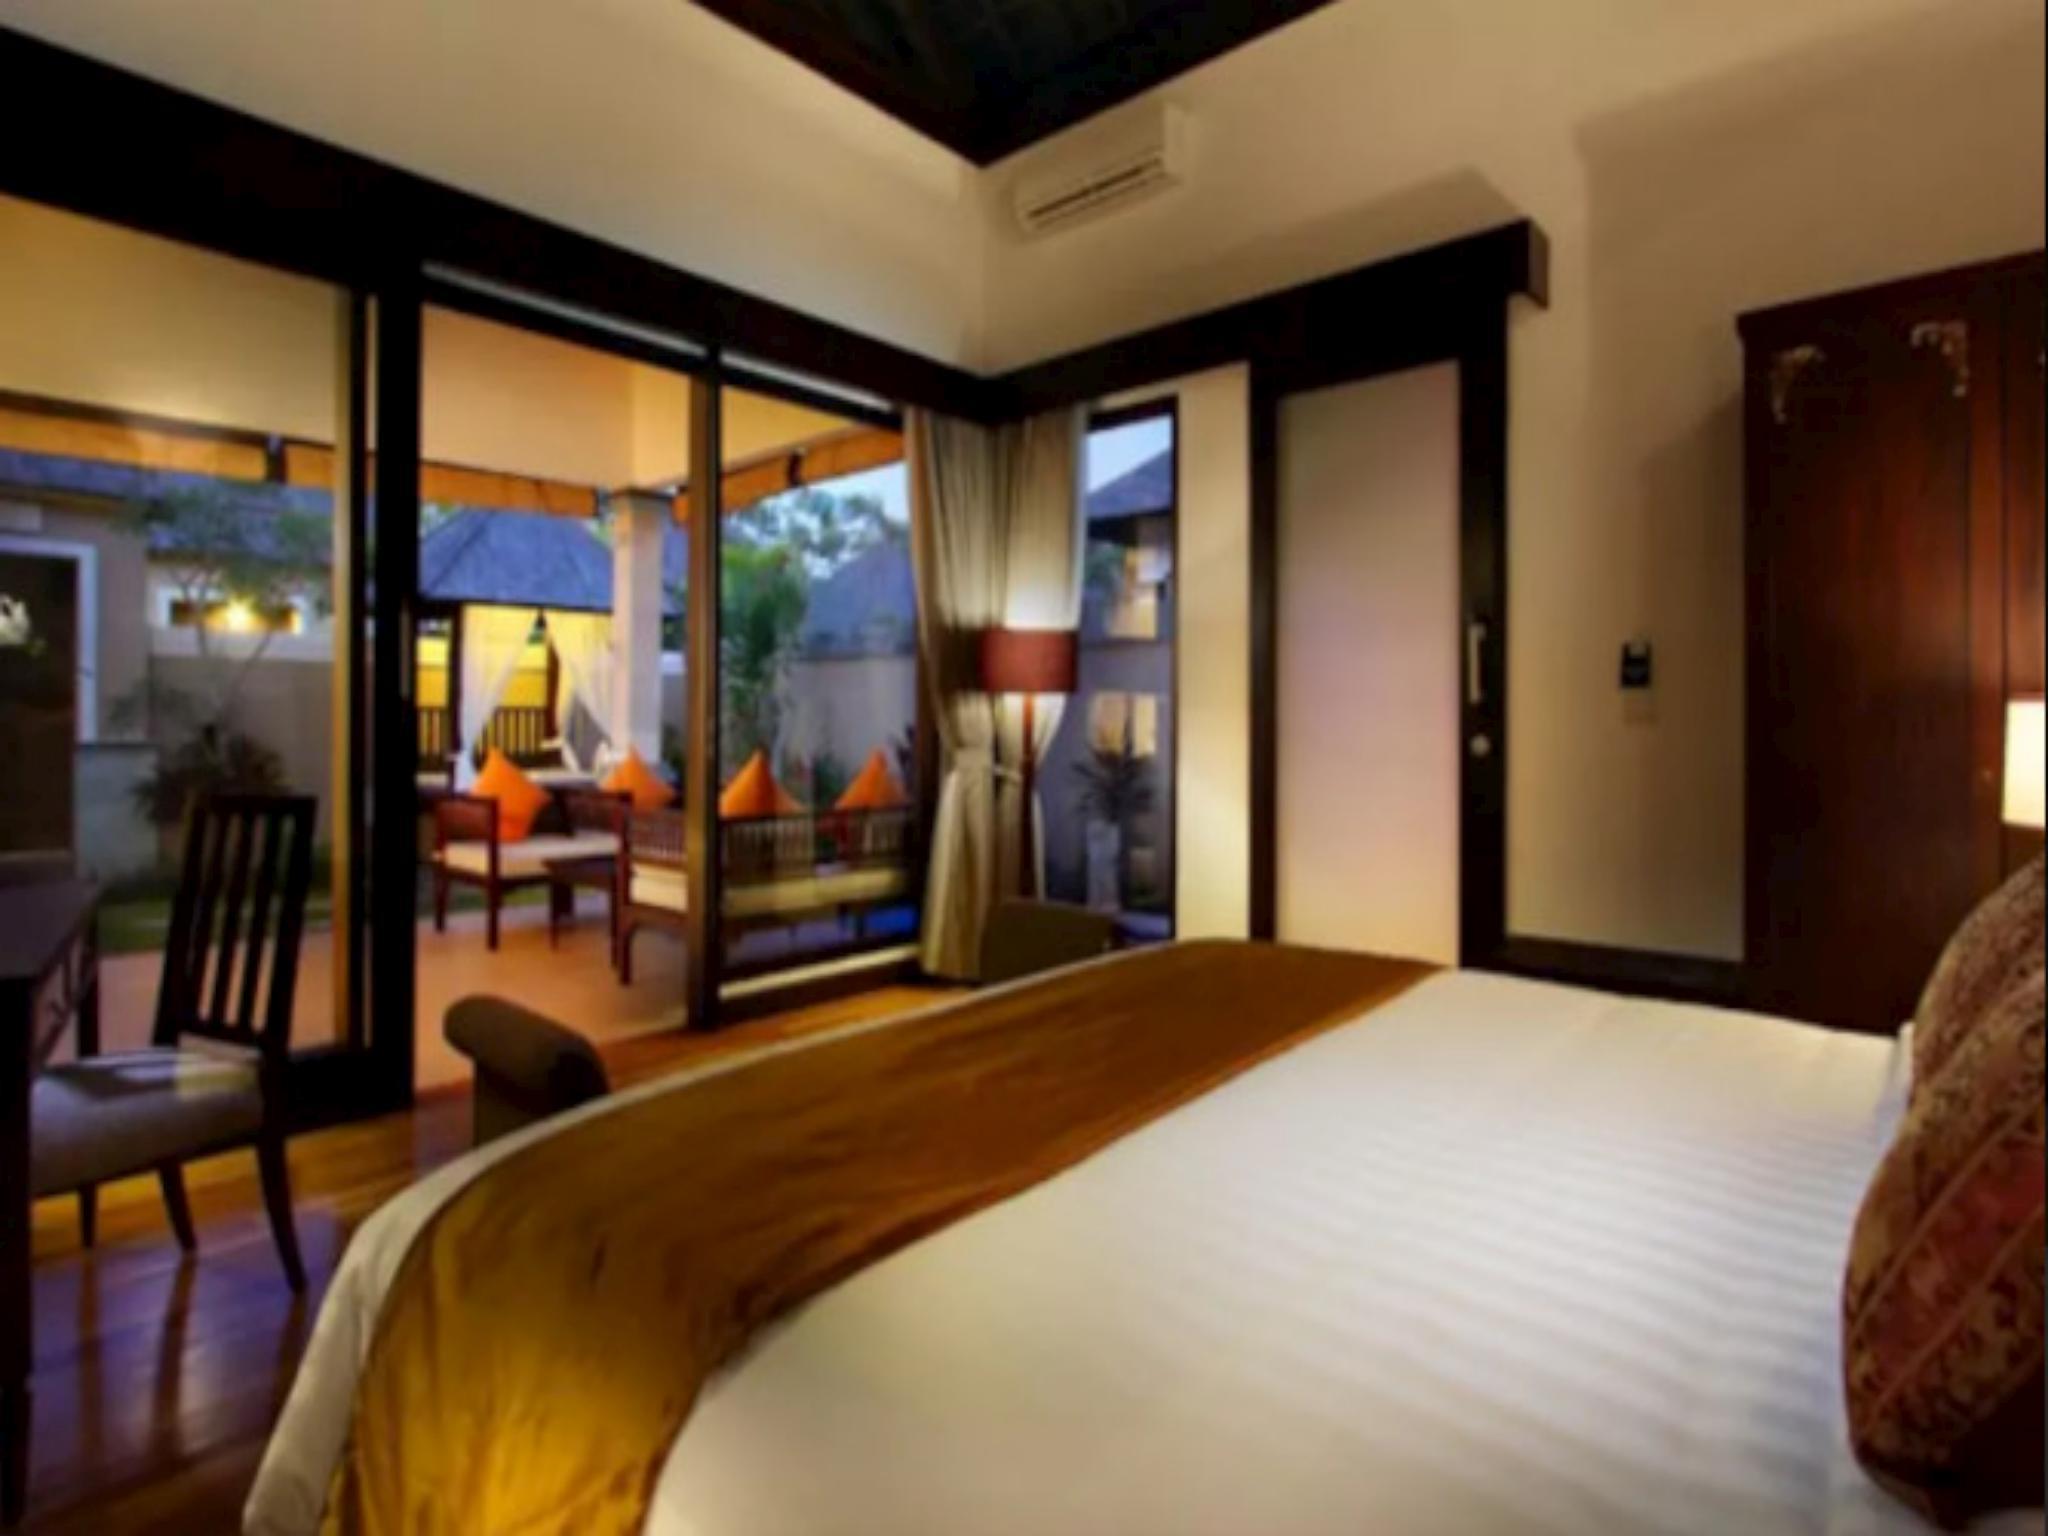 1 Bedroom Villa At Kuta Seminyak Entire Villa Bali Deals Photos Reviews